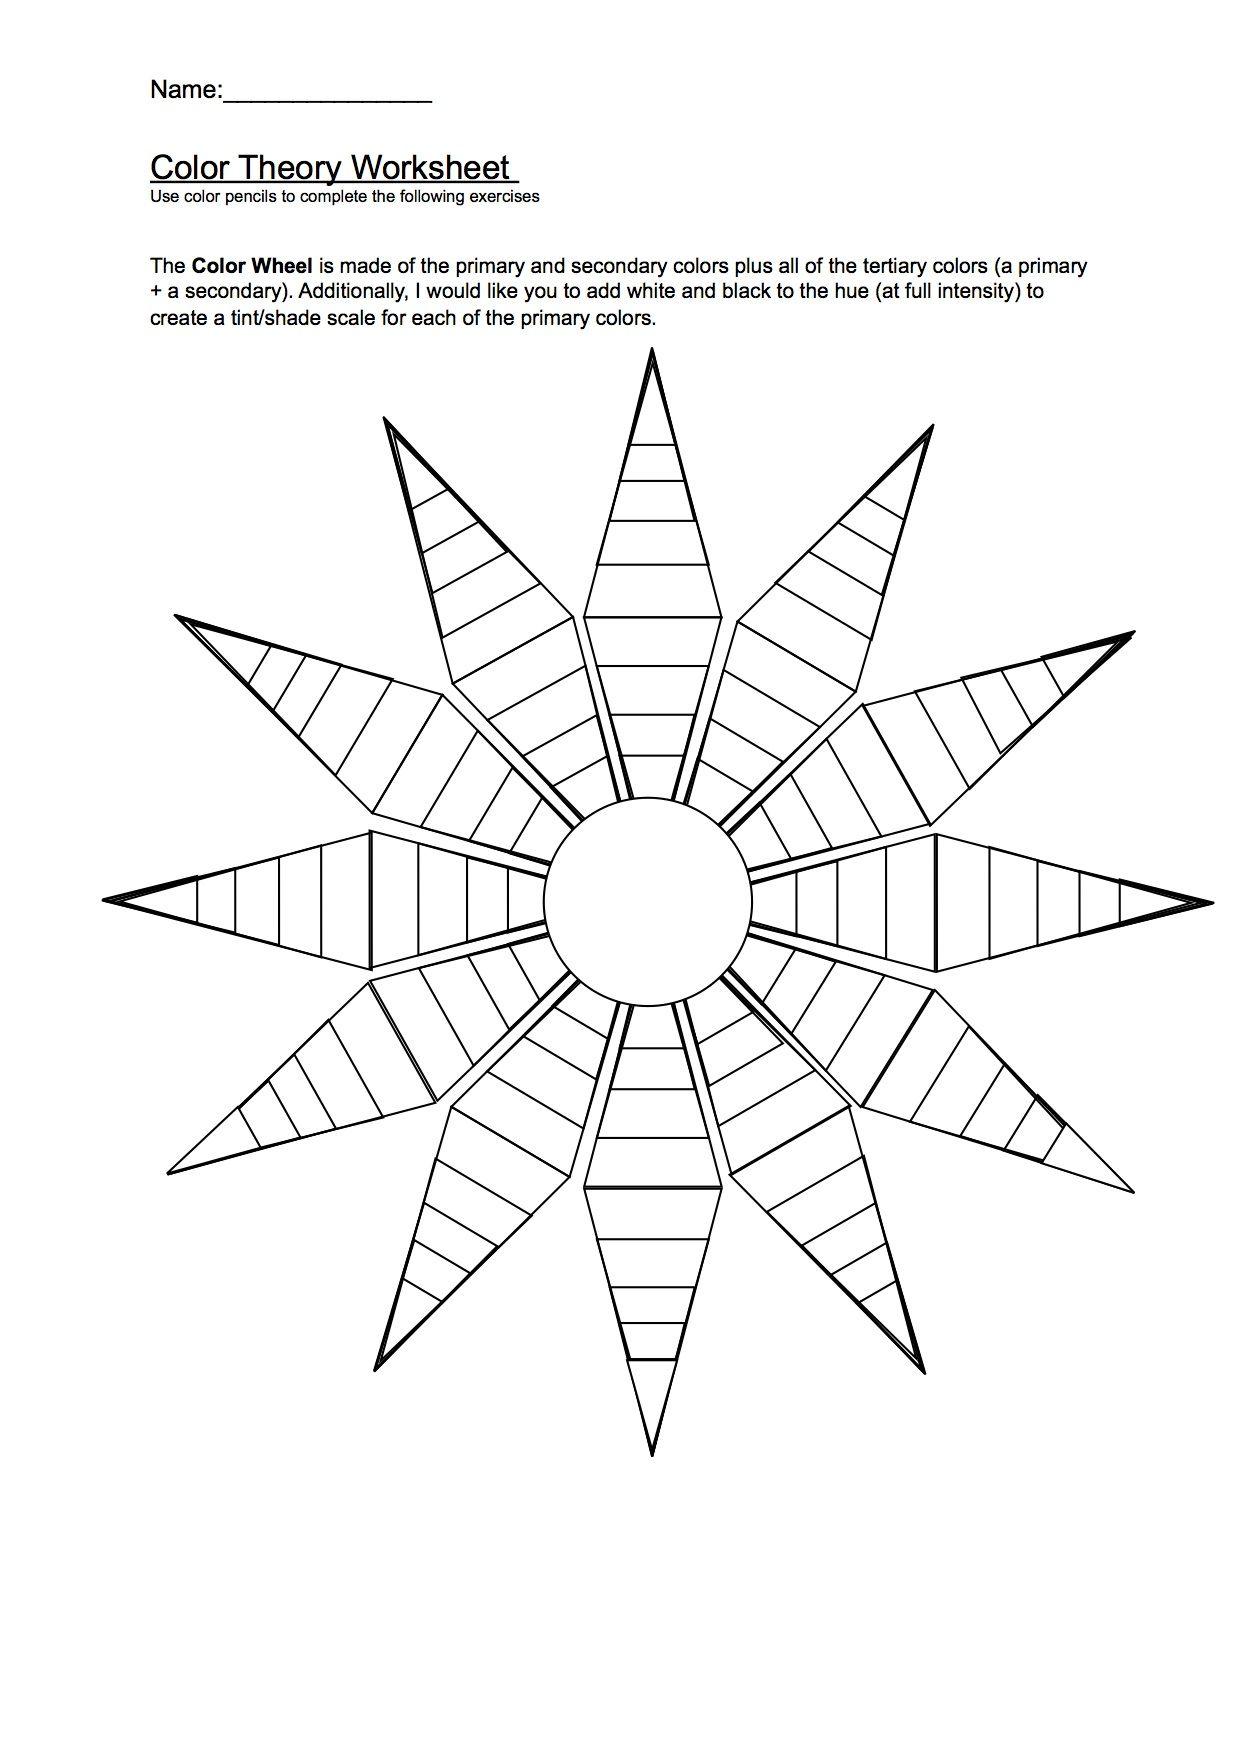 Color Wheel Worksheet Art worksheets, Art lessons